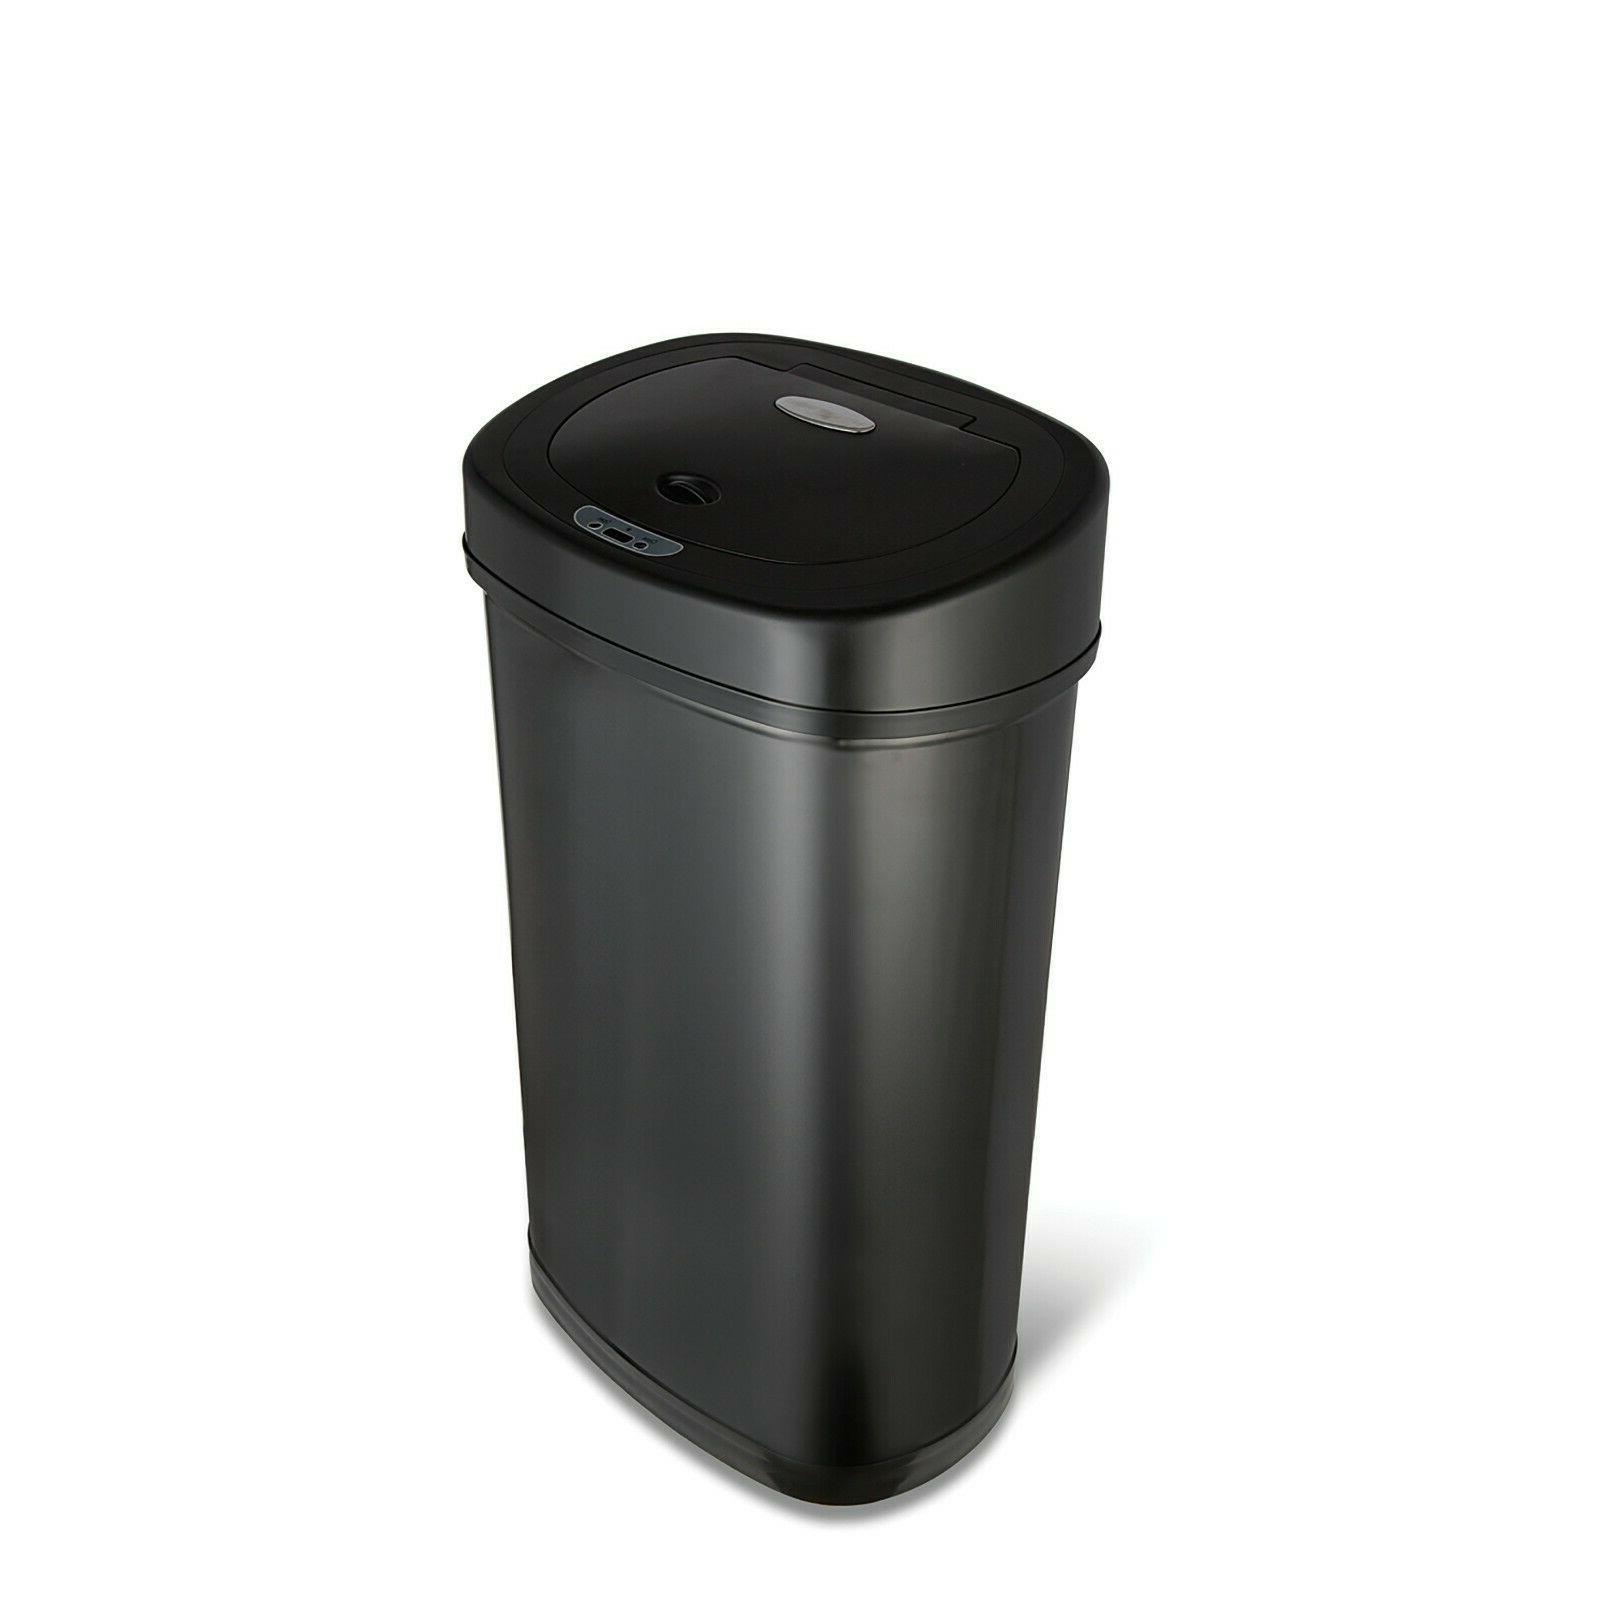 ninestars motion sensor touchless 13 2 gallon